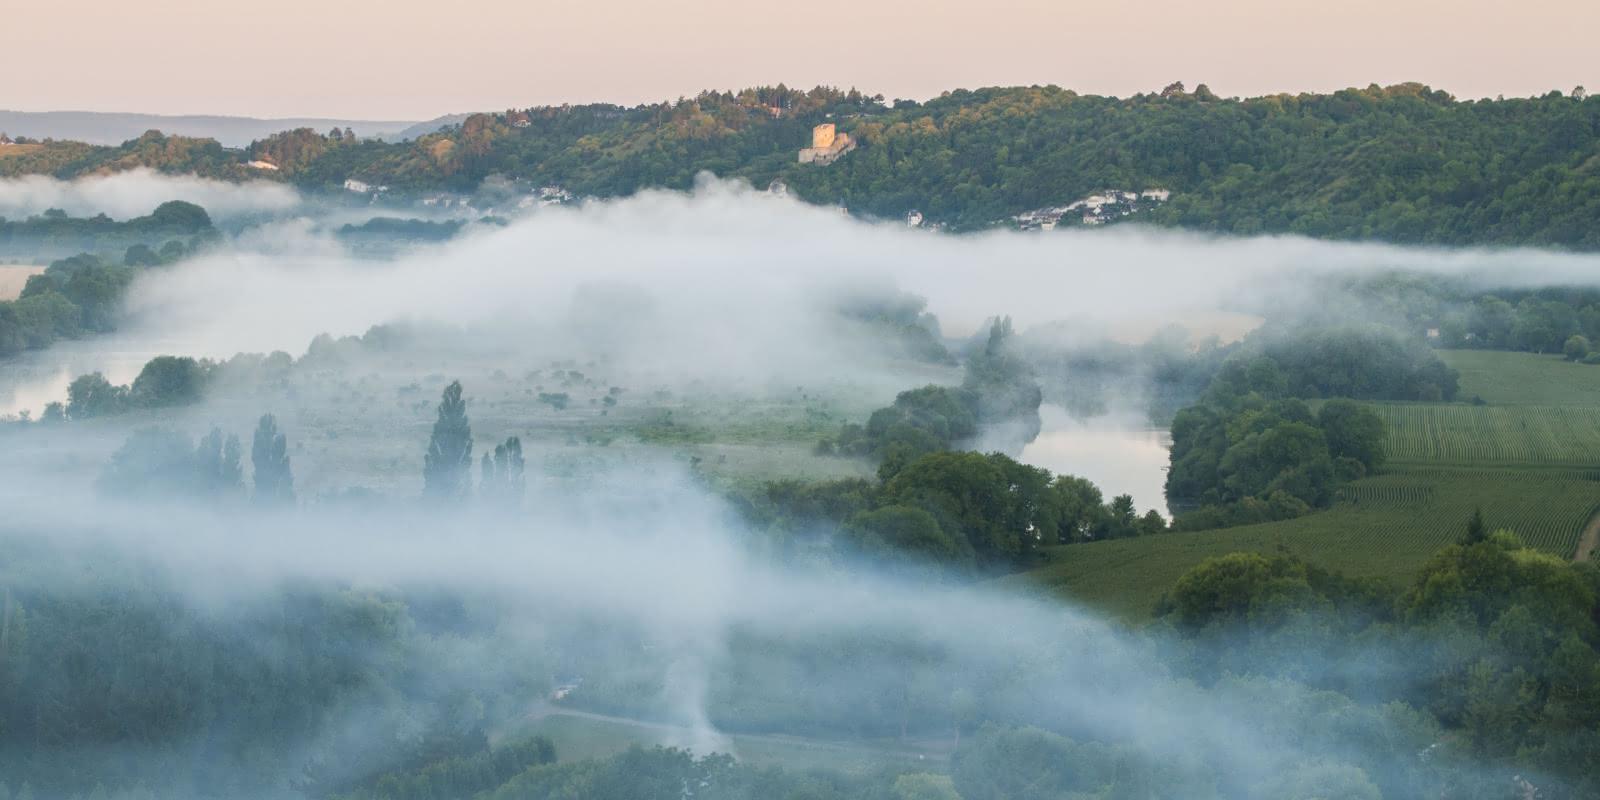 Photo de La Roche Guyon et de ses environs prise depuis une montgolfière avec une brume épaisse et blanche